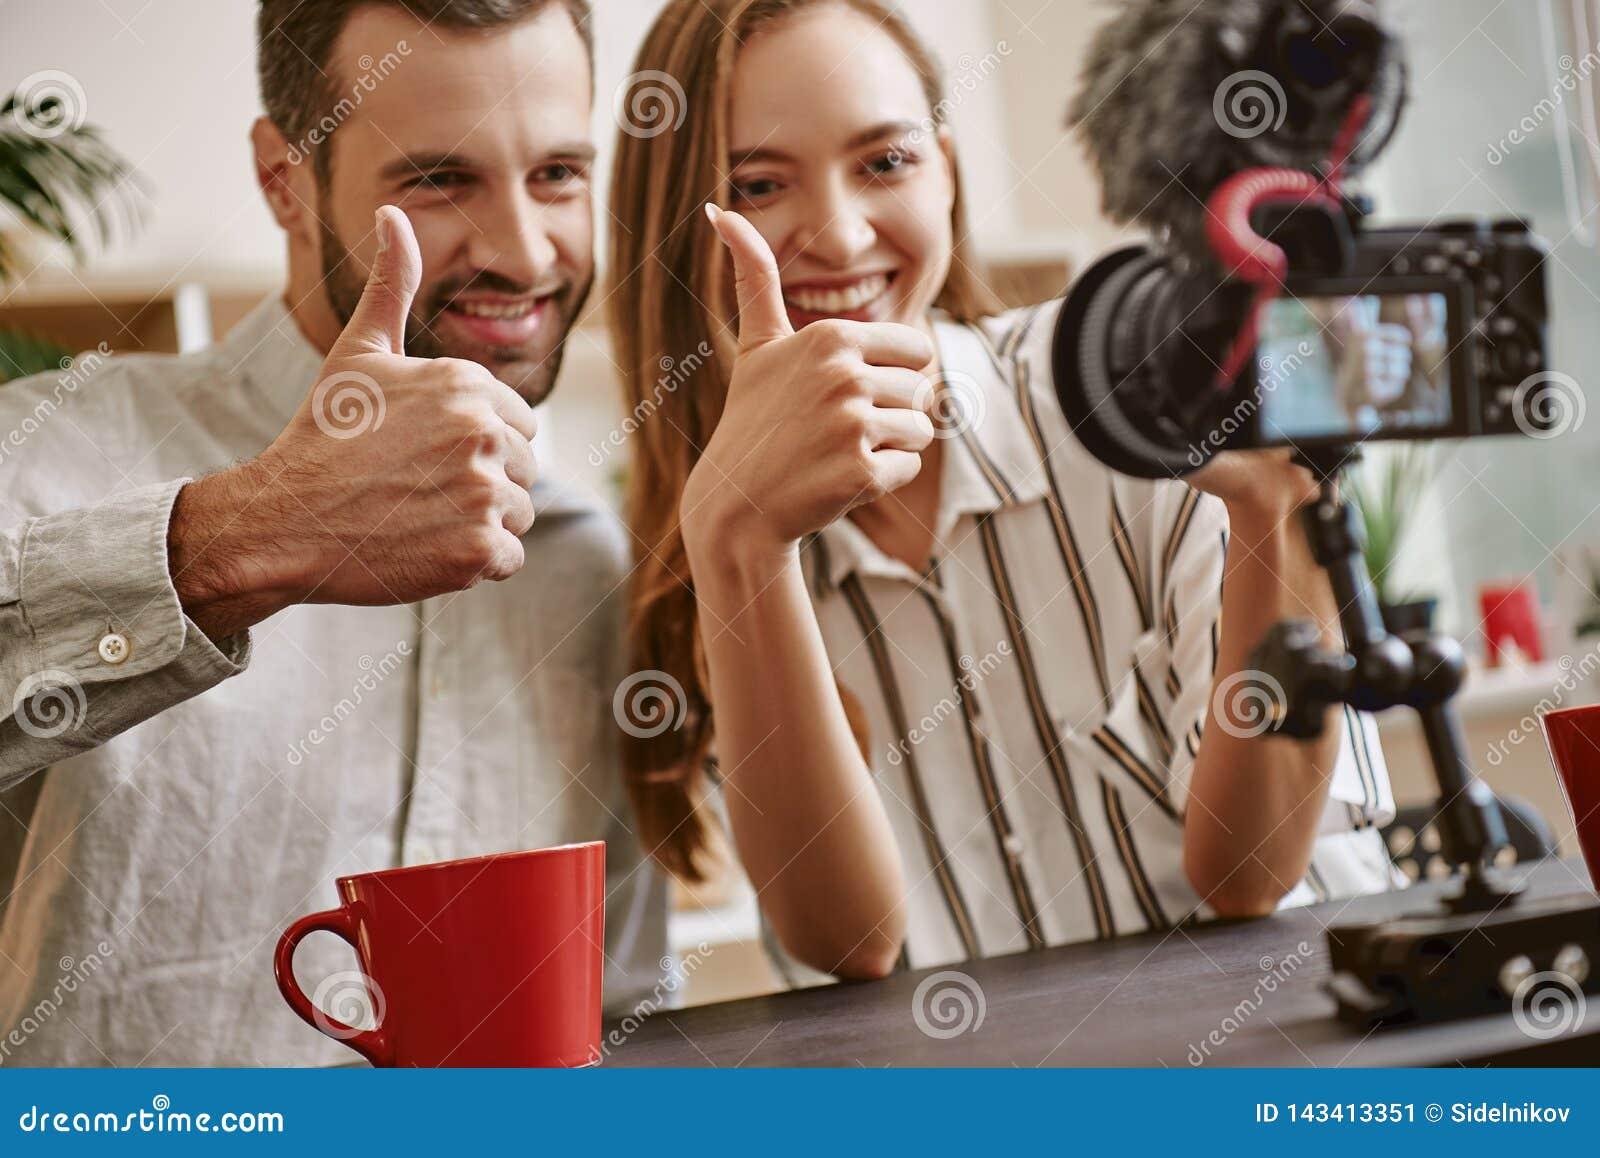 Σας αγαπάμε! Ζεύγος των εύθυμων bloggers και του χαμόγελου στη κάμερα κάνοντας ένα νέο βίντεο για το blog